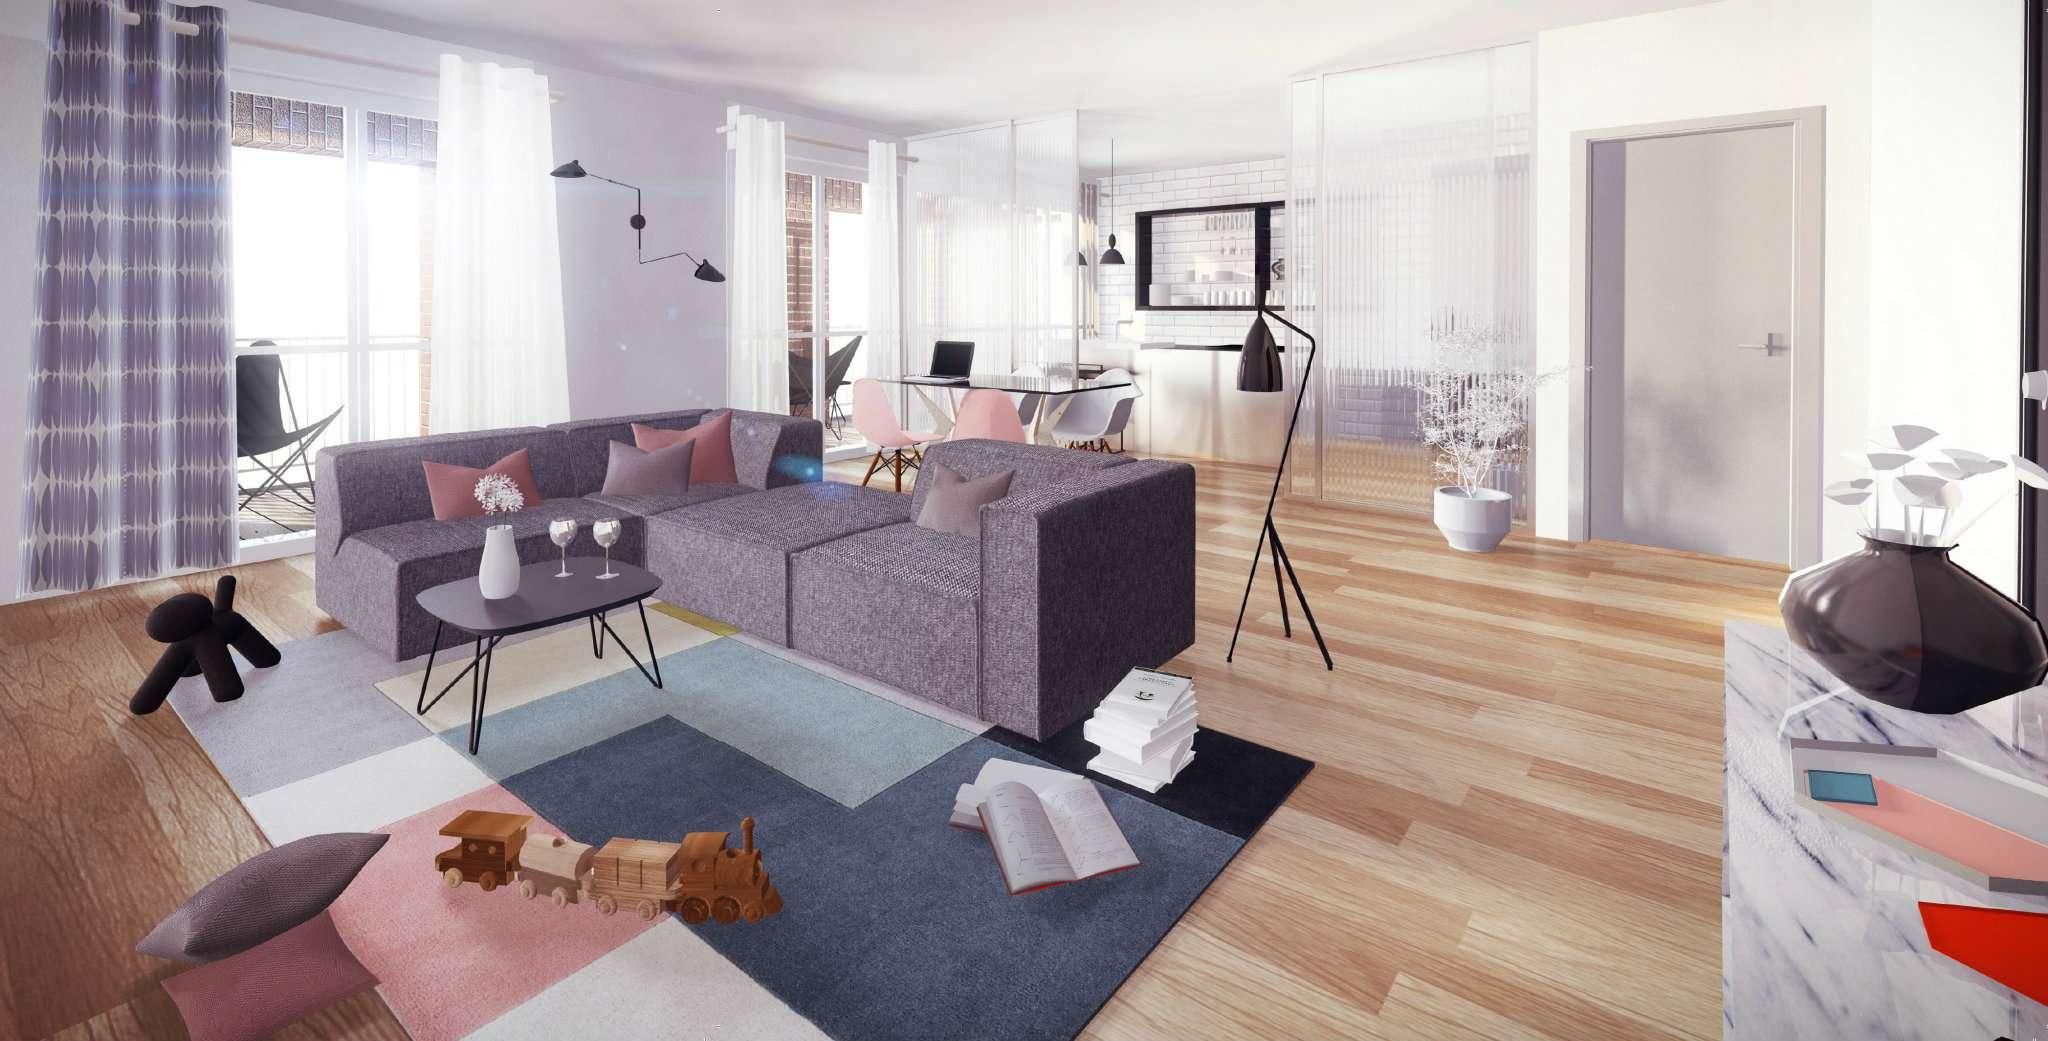 Appartamento in vendita a Cesena, 2 locali, prezzo € 196.000 | CambioCasa.it